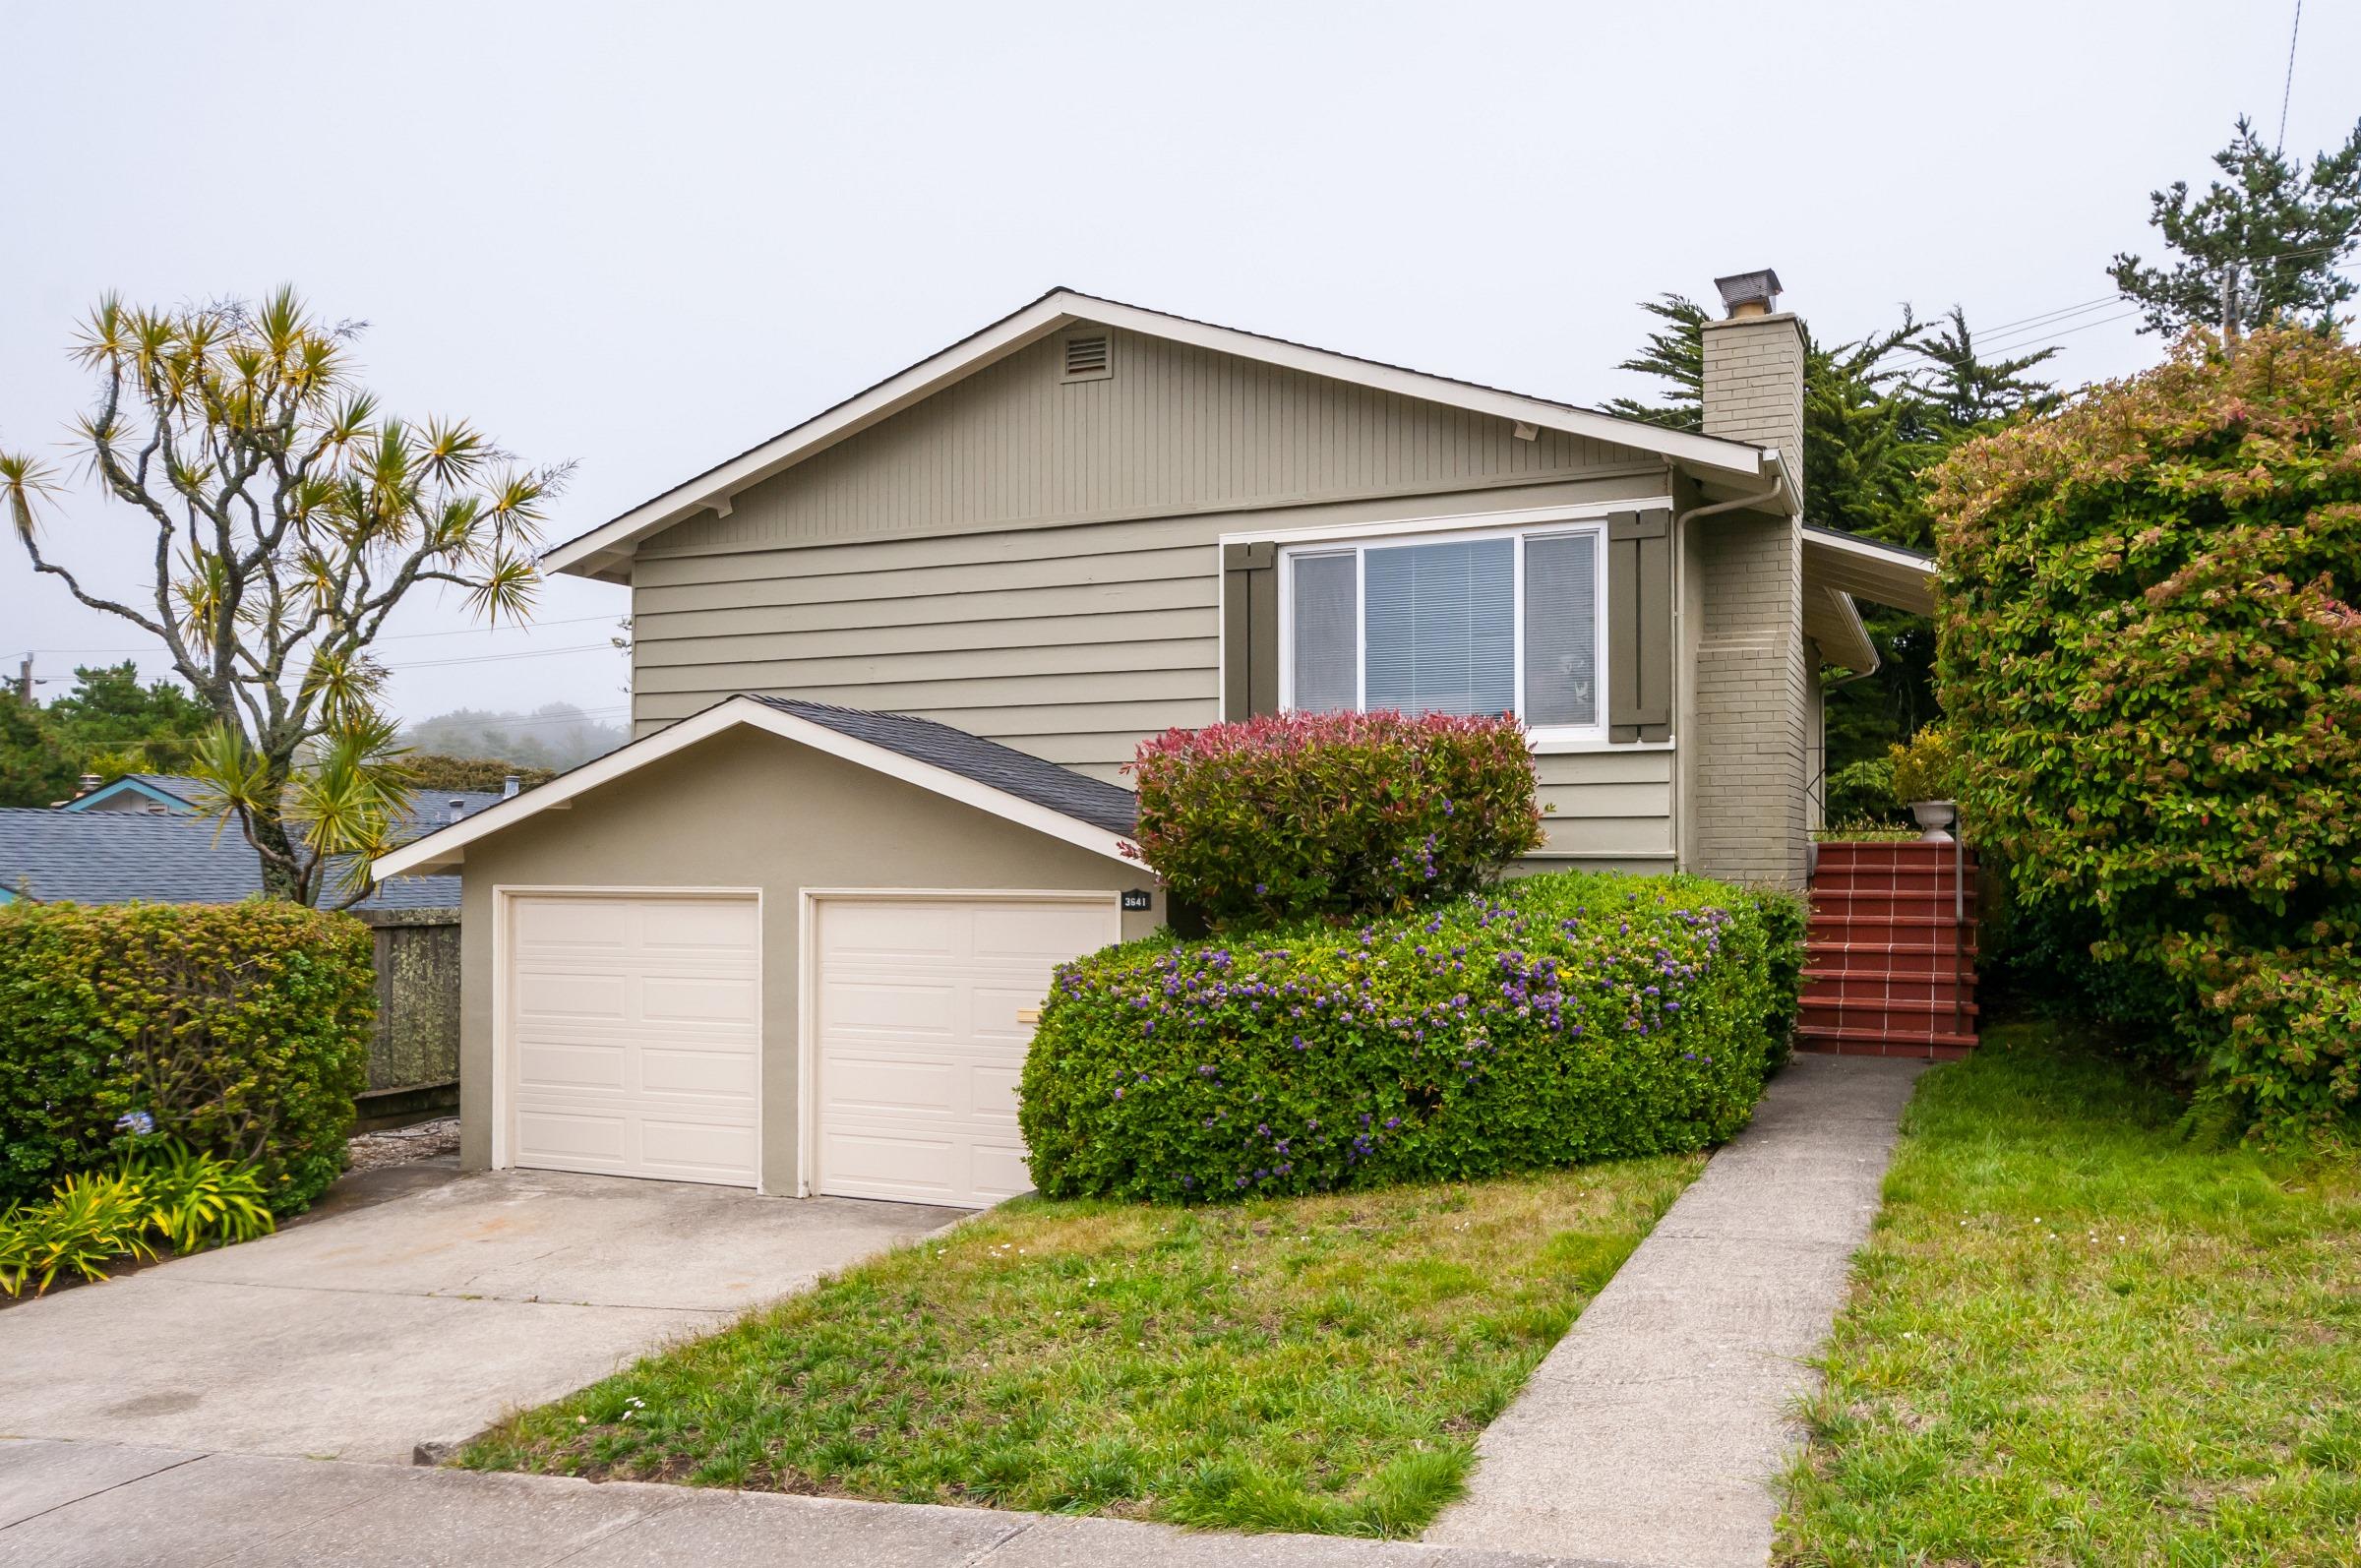 3641 Exeter Dr, San Bruno, CA 94066